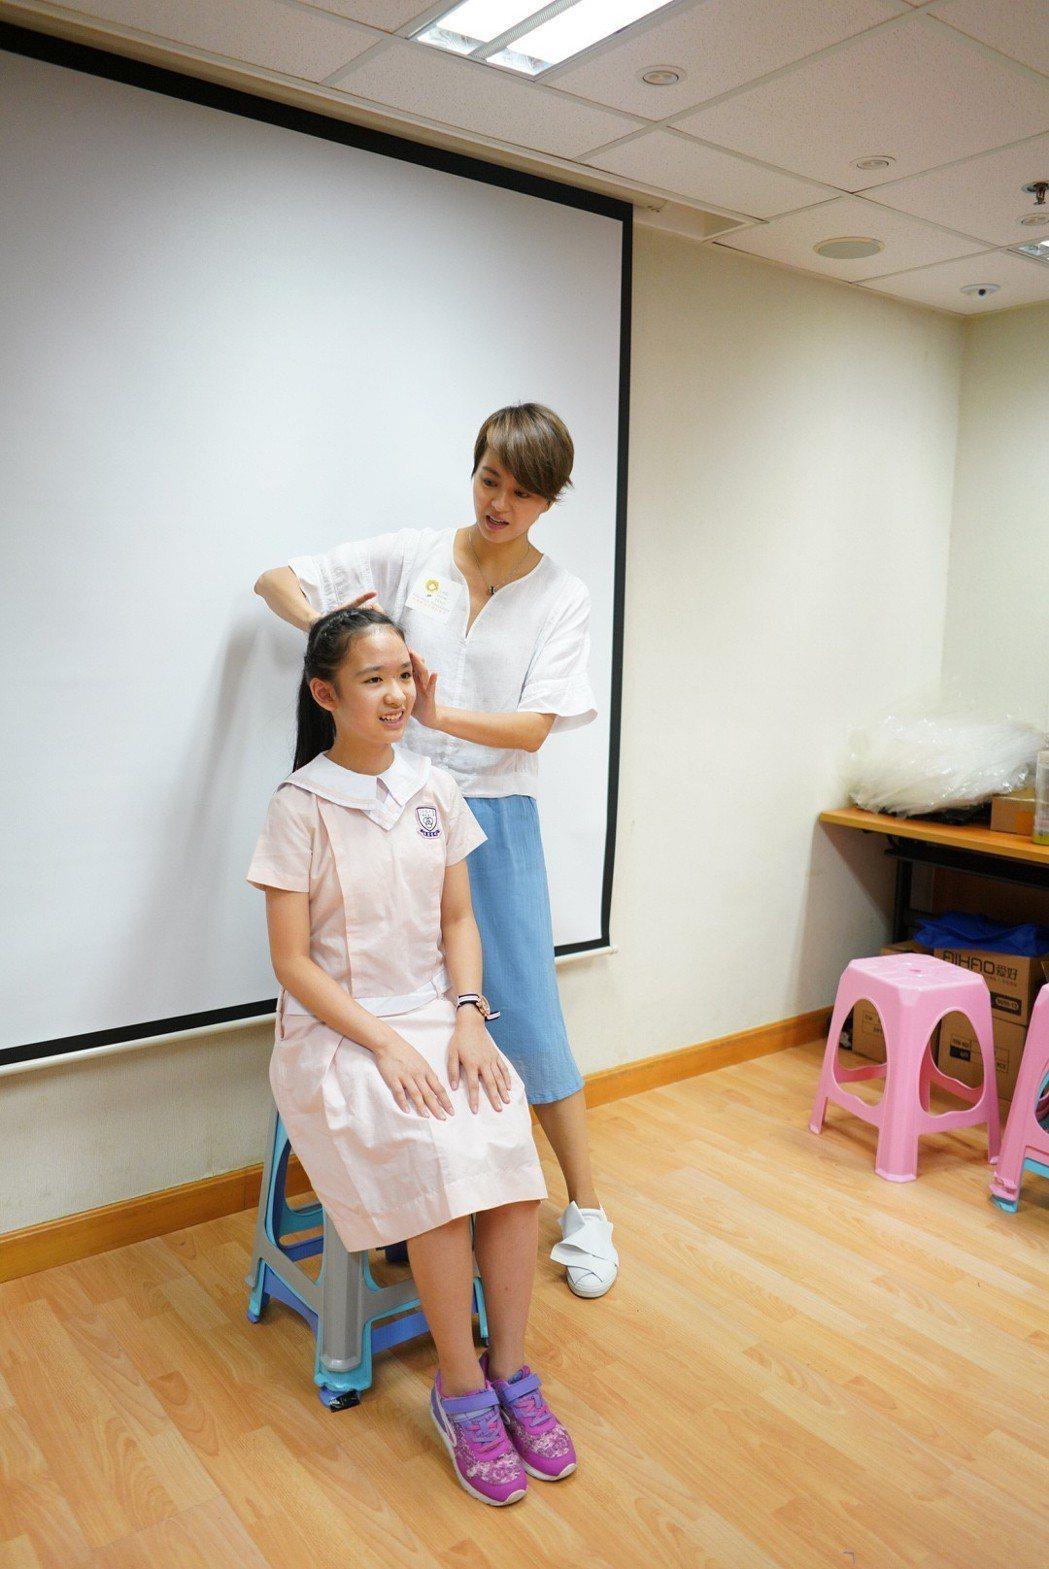 梁詠琪幫基層家庭成長的小朋友剪頭髮。圖/小黃花慈善教育基金提供